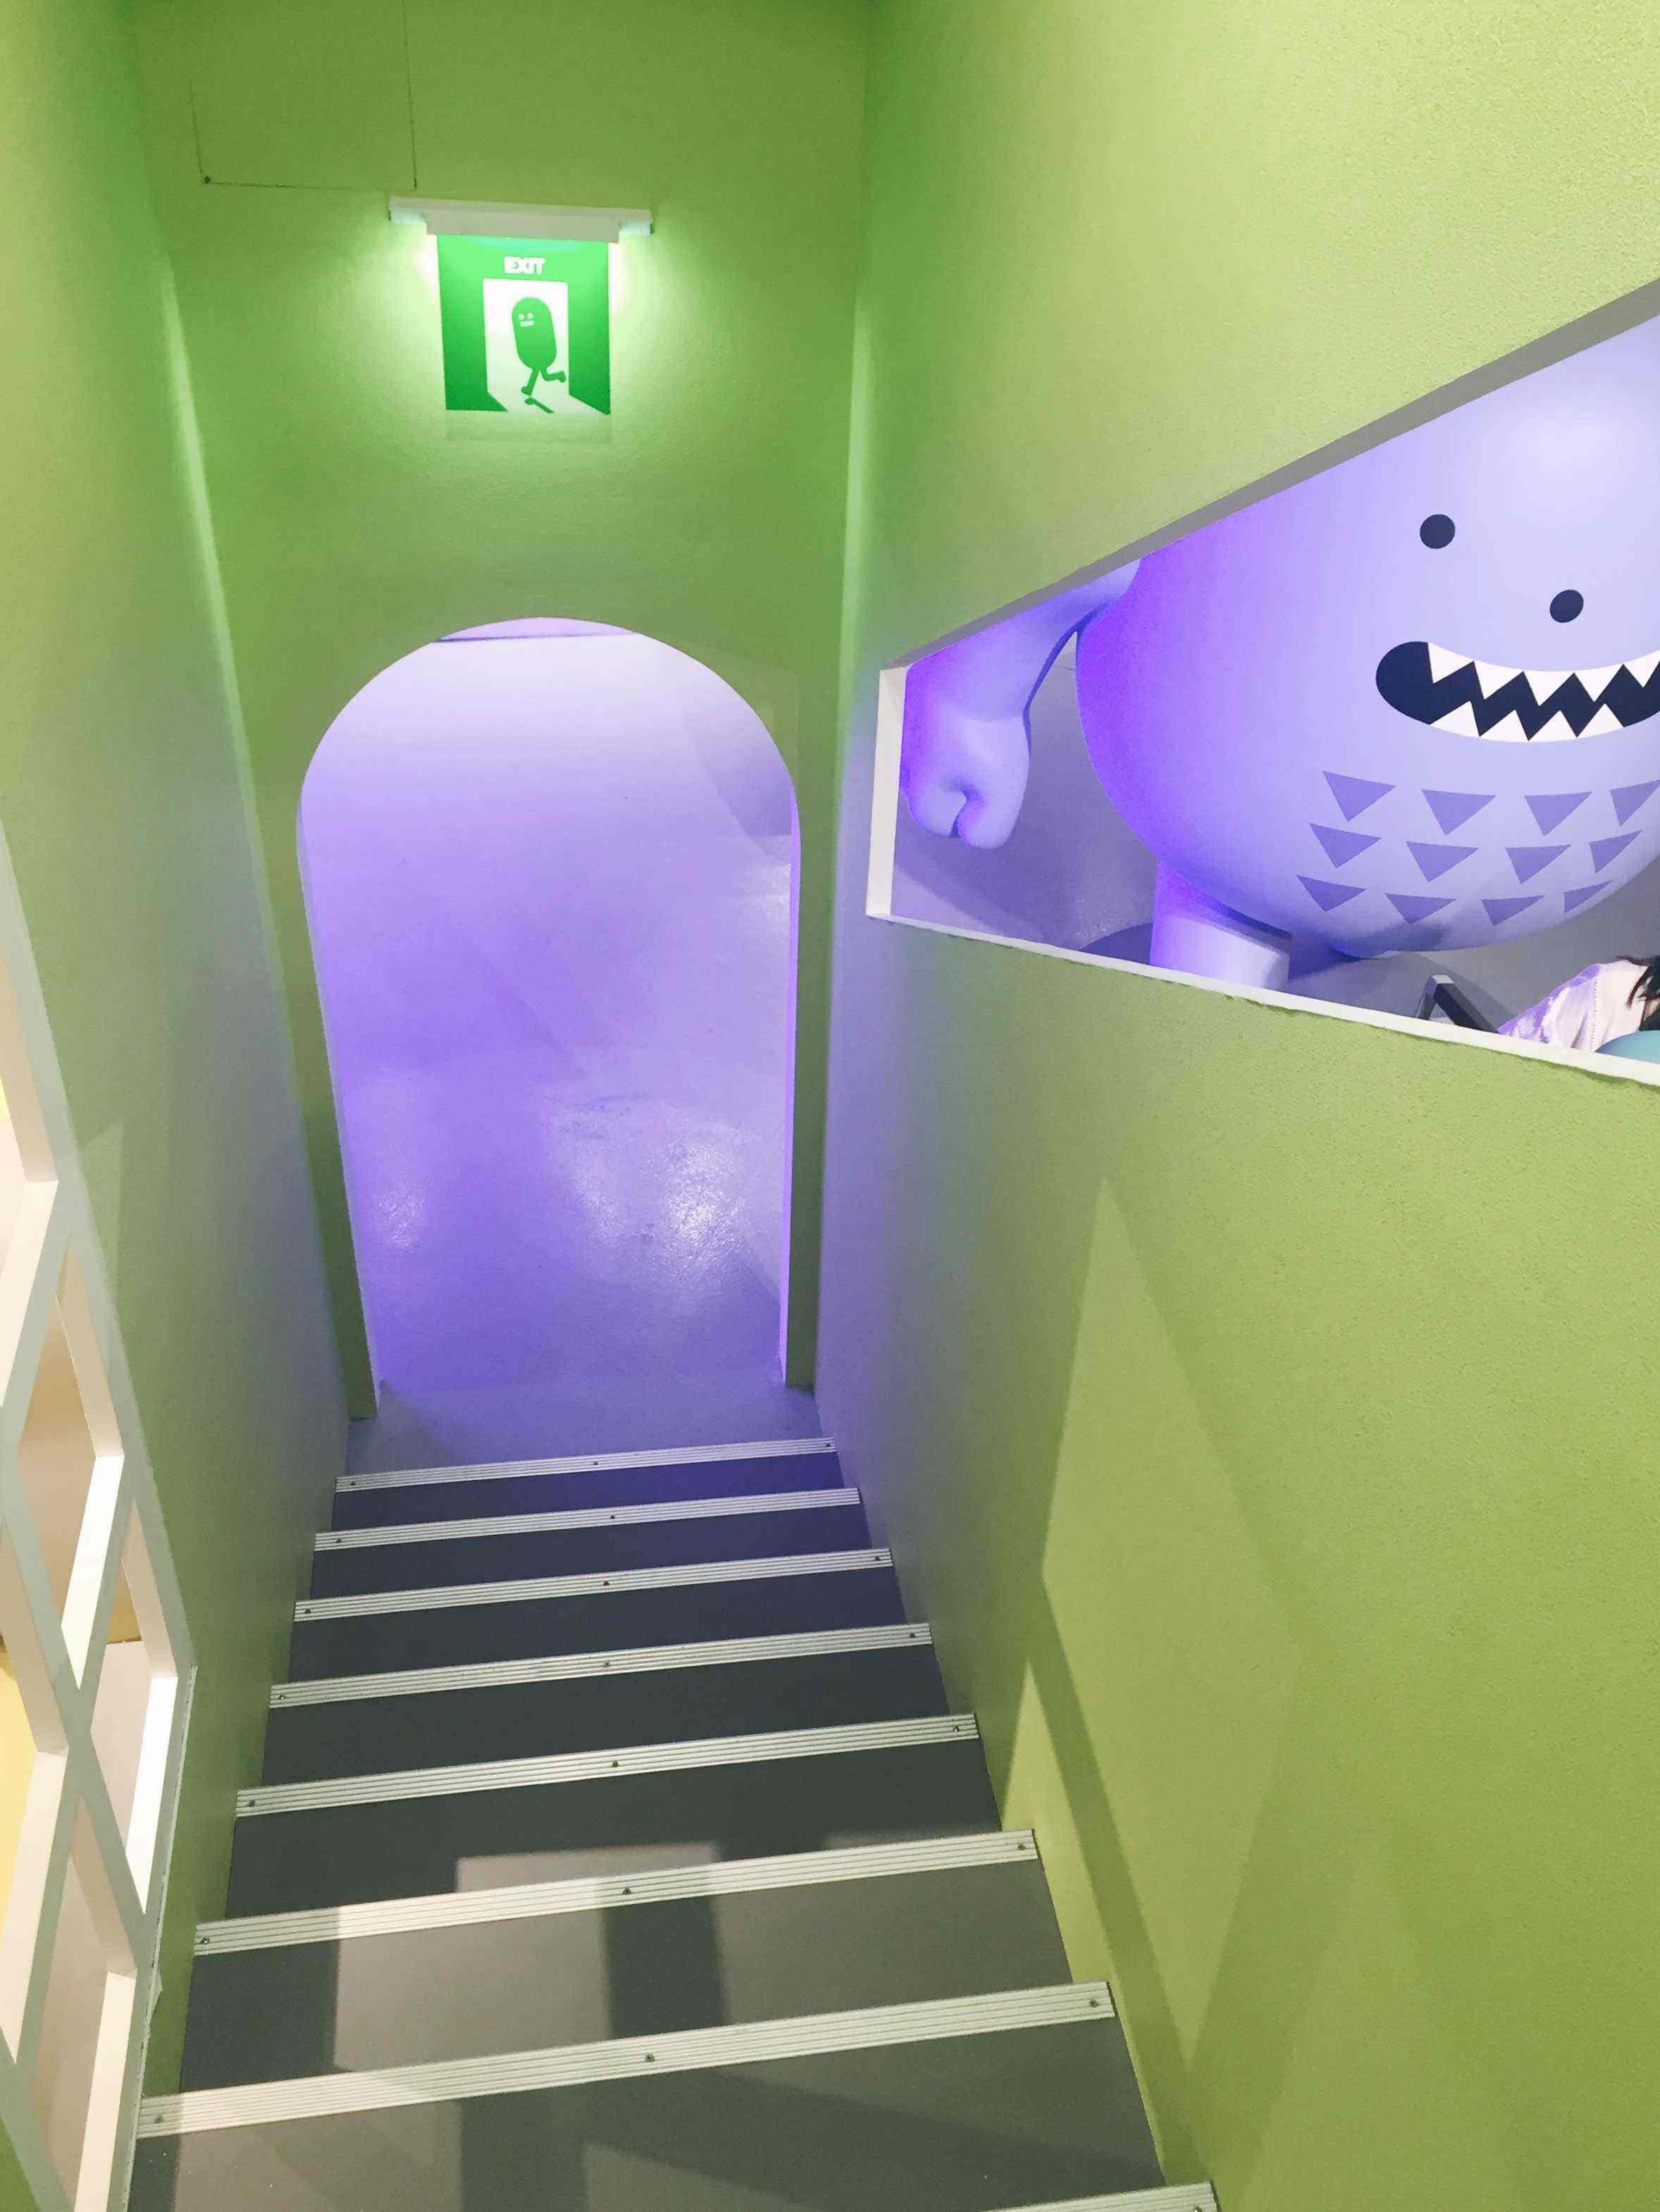 展場中除了平面,也有可以爬上去從高處眺望展場的階梯,連逃生出口的標示都是黏黏怪物XD